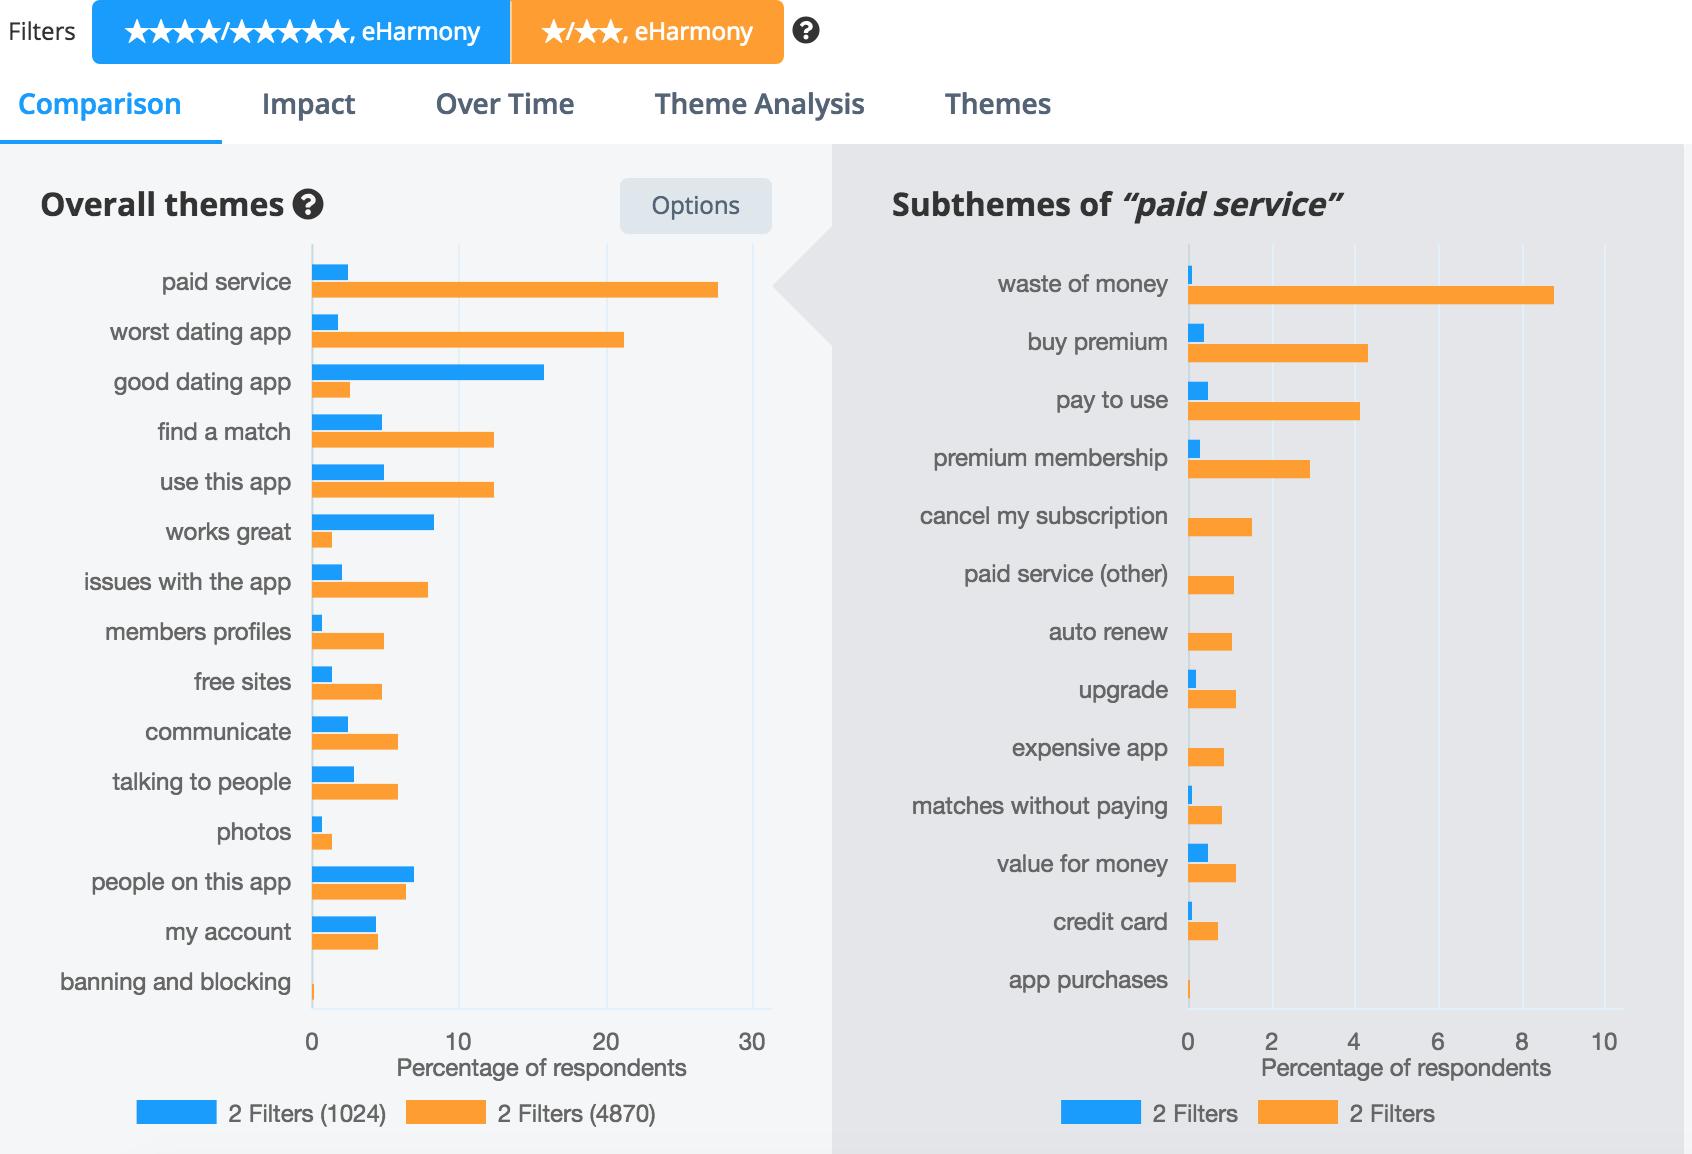 Comparison overall themes